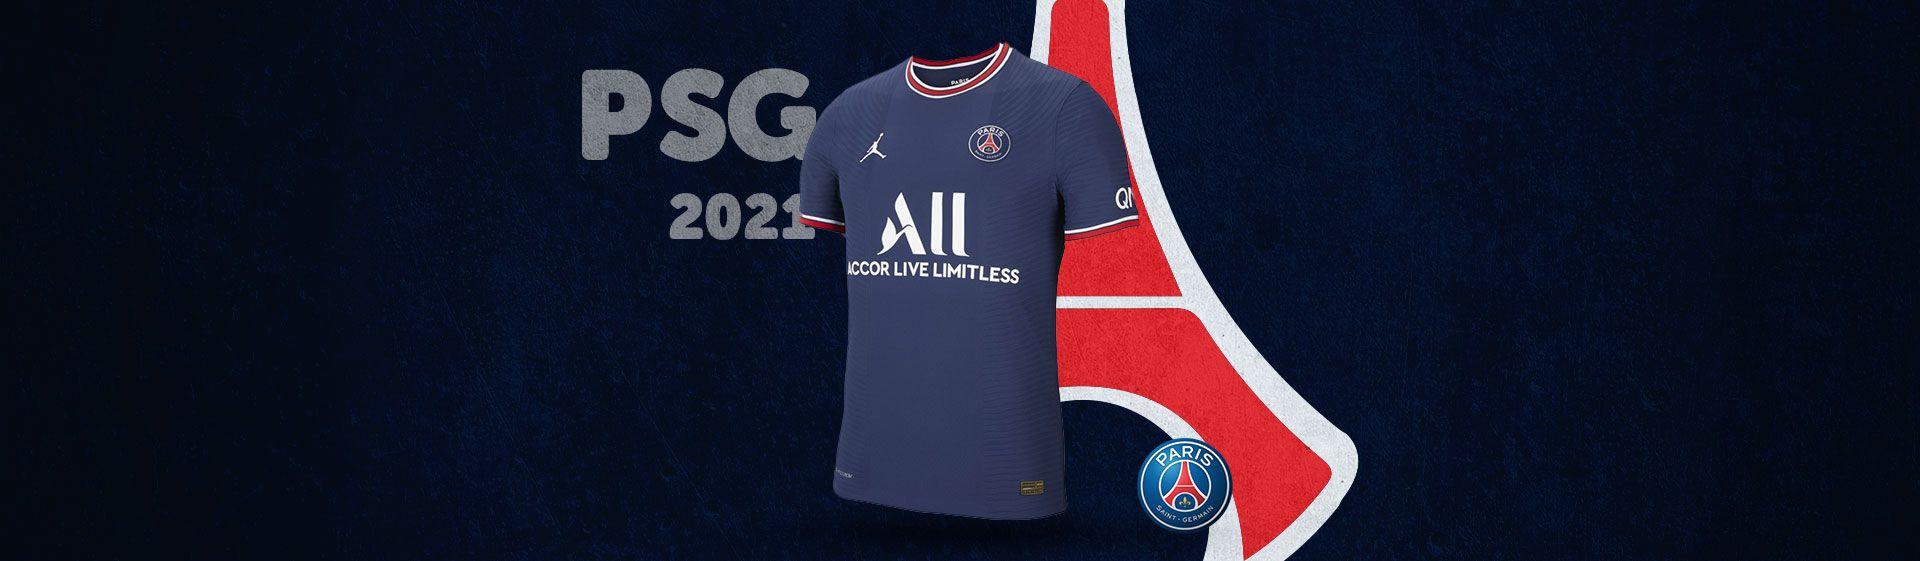 Camisa do PSG: camisas do Paris Saint-Germain para comprar em 2021